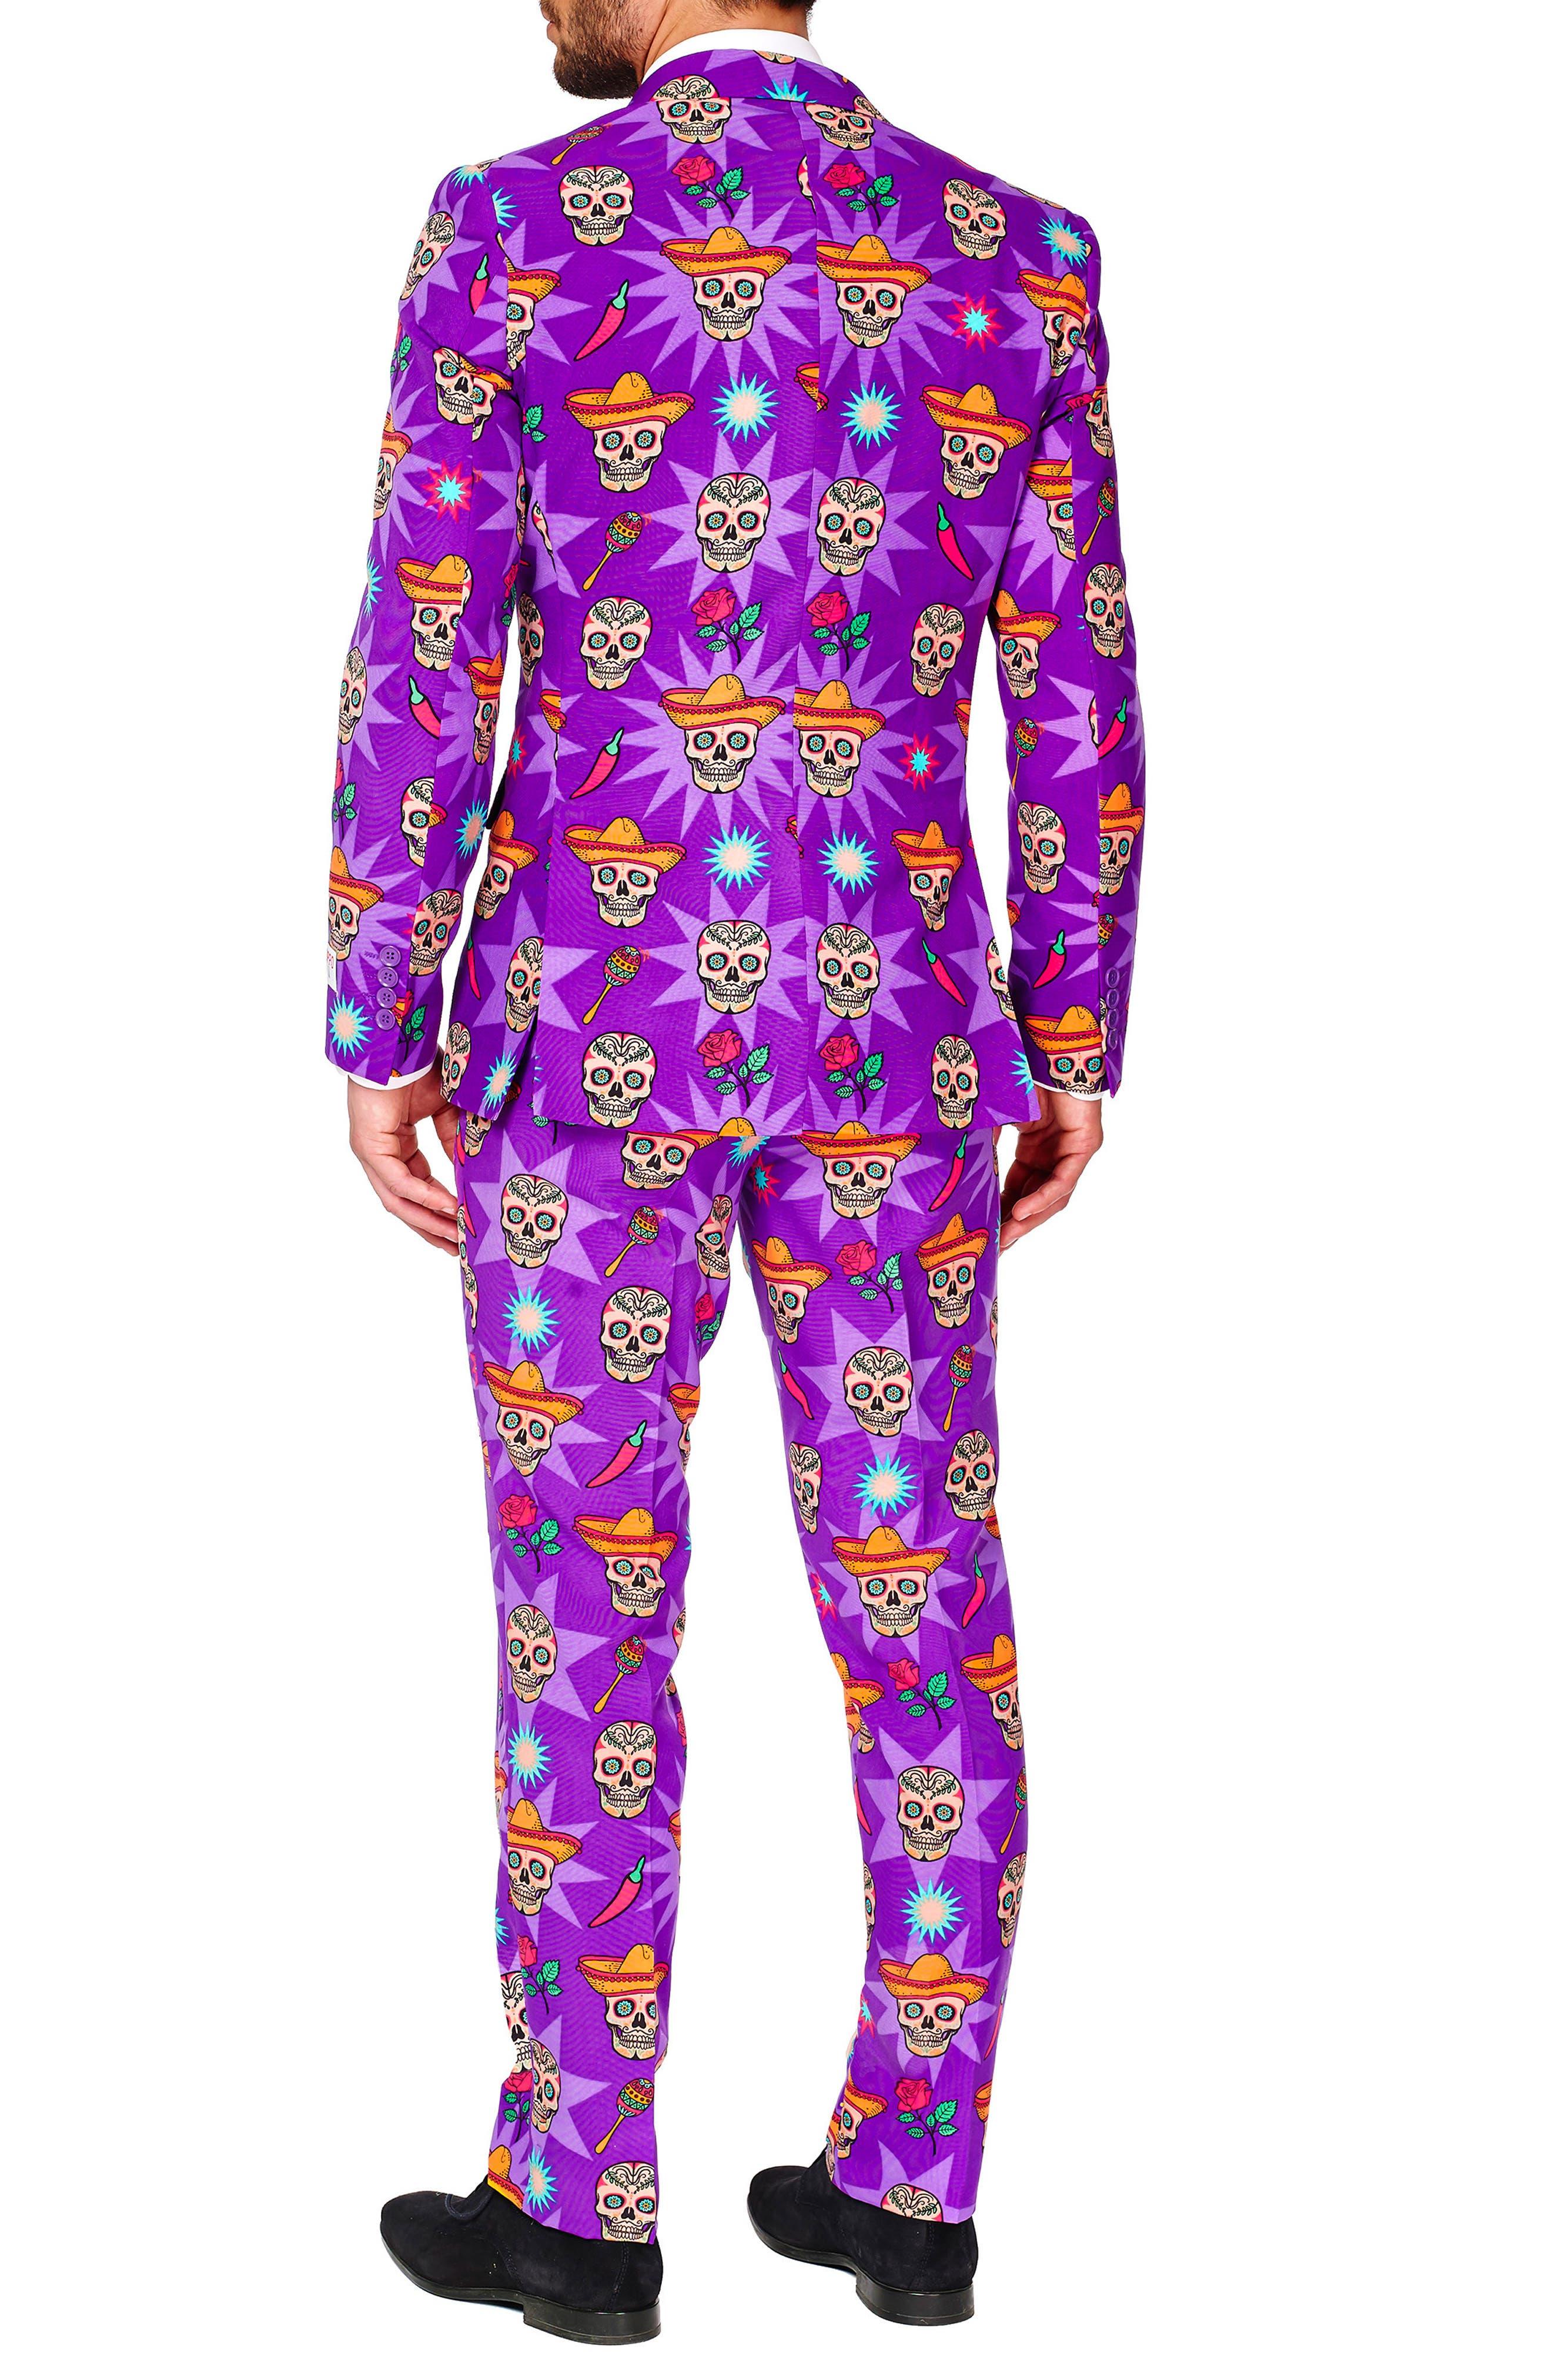 'El Muerto' Trim Fit Two-Piece Suit with Tie,                             Alternate thumbnail 3, color,                             520